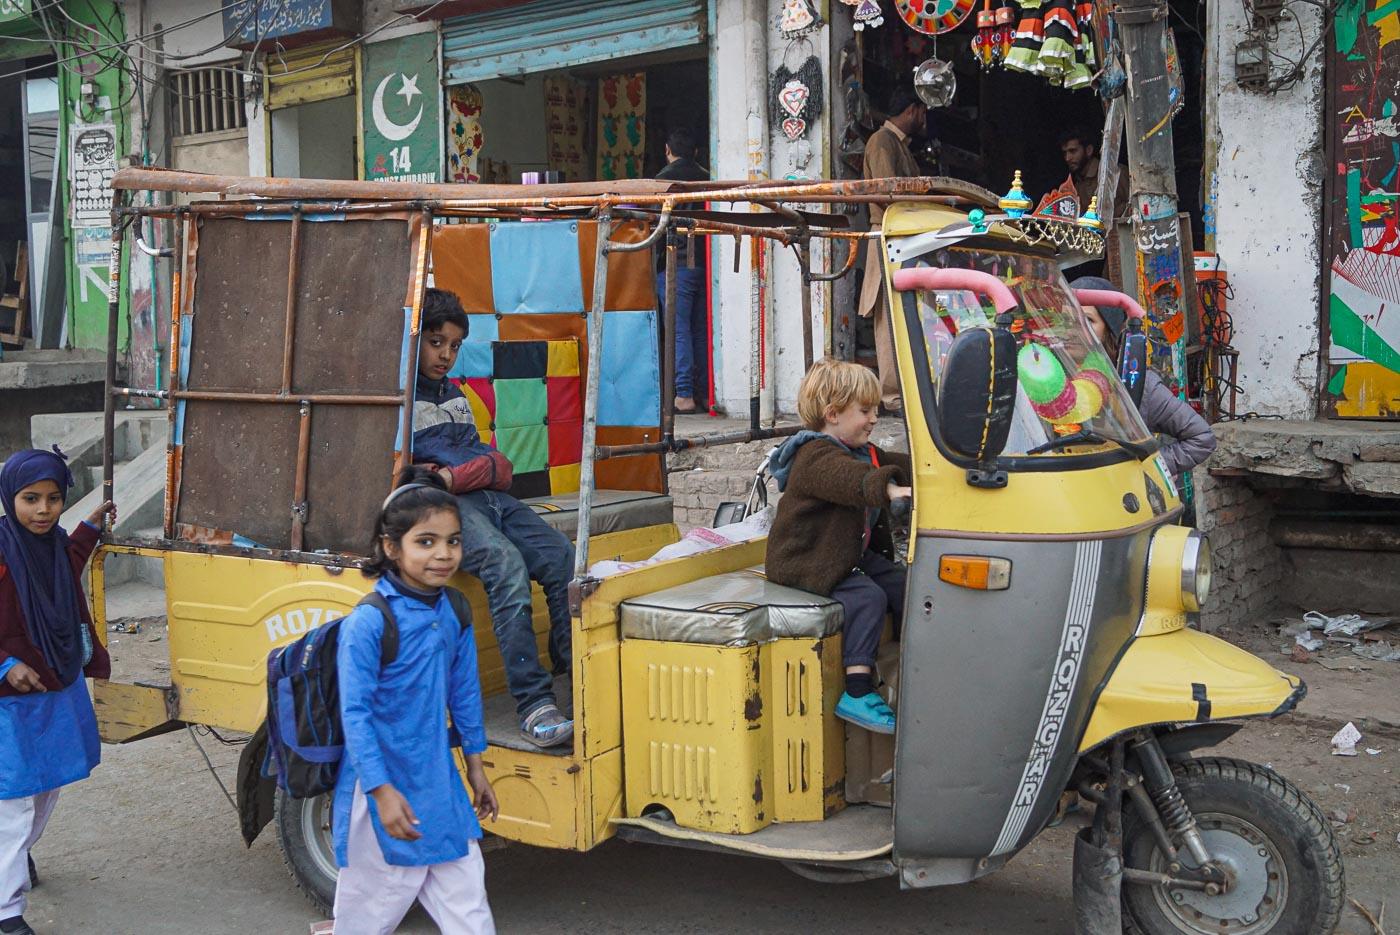 Zu sehen ist wie Luk am Steuer einer gelben Rikscha sitzt auf den Fahrgastbank sitzt ein pakistanischer Junge und schaut in die Kamera. Im Vordergrund läuft ein Mädchen ohne Kopftuch vorbei und da hinten ein kleines mit.